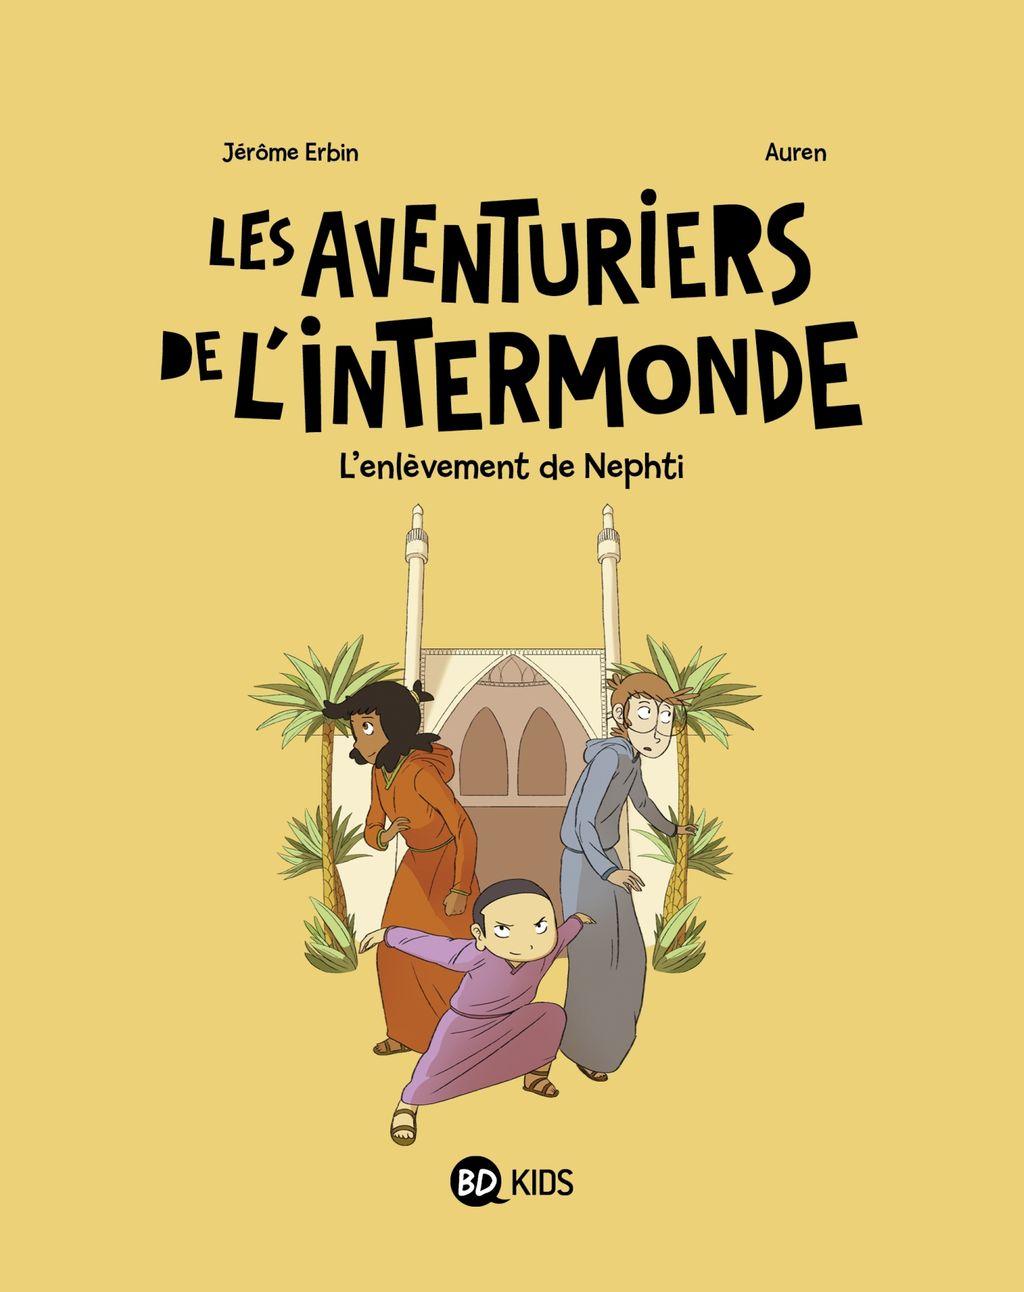 «L'enlèvement de Nephti» cover